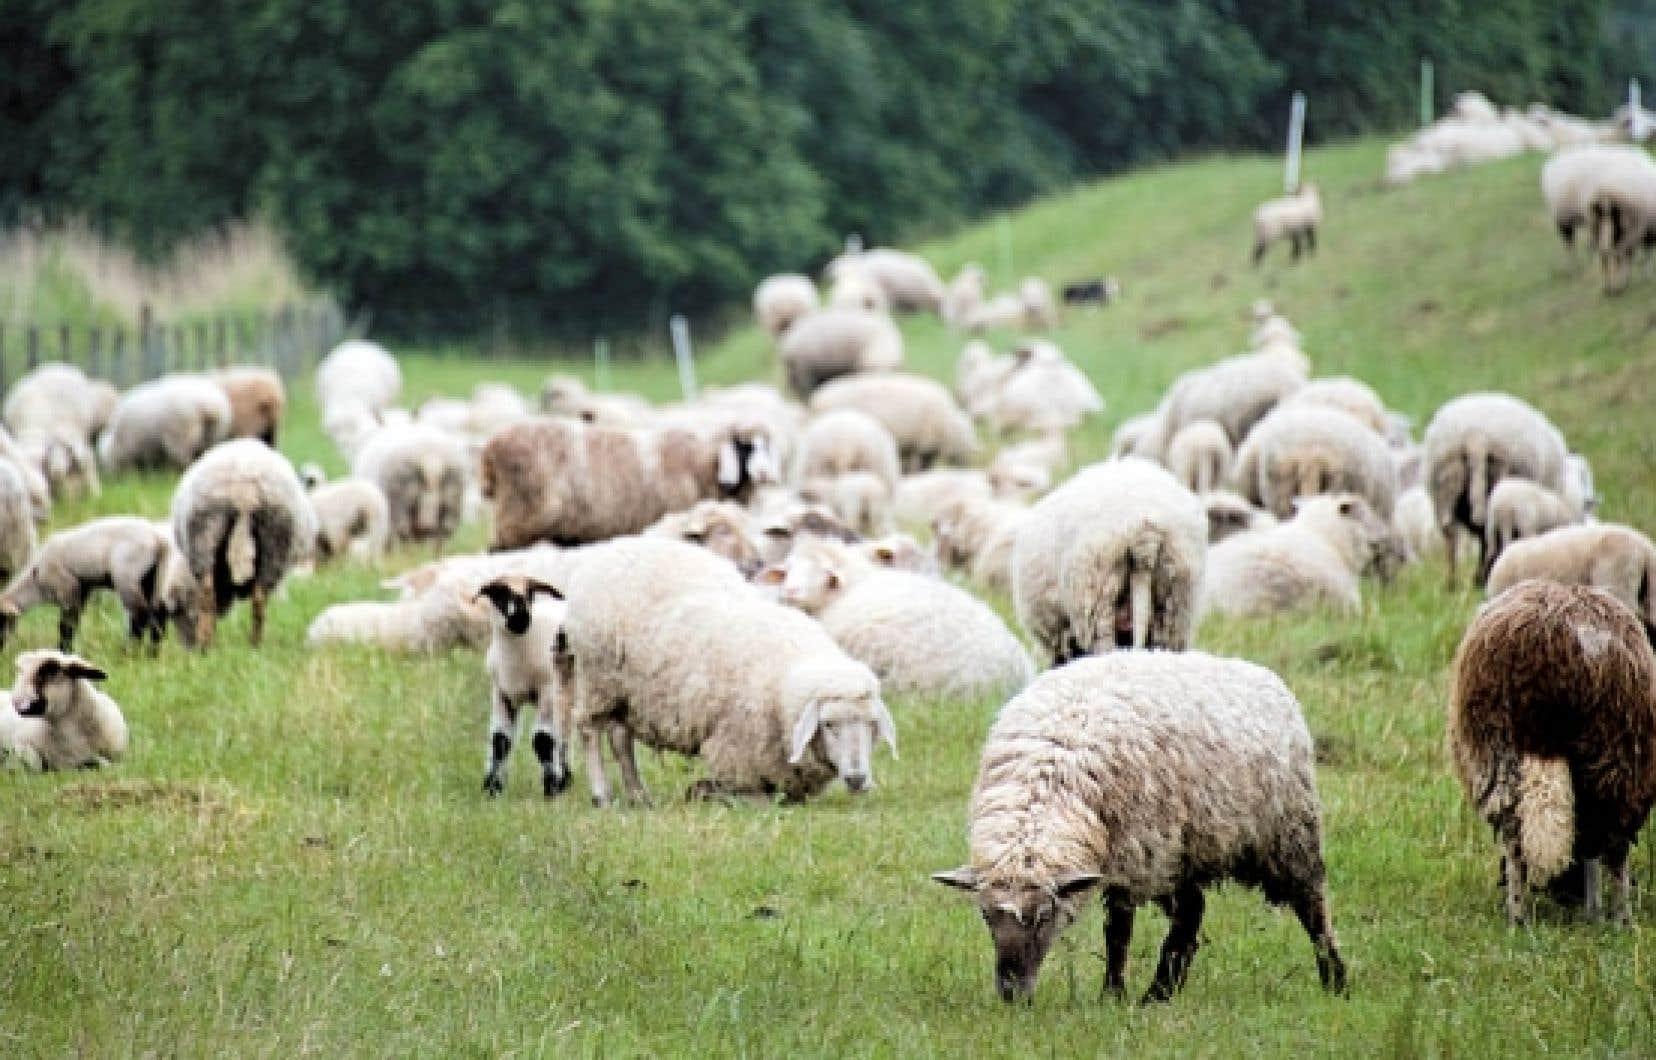 Atteinte de perfectionnisme aigu, l'épouse d'un ex-premier ministre du Canada a fait changer la couleur des moutons loués pour son garden party en Estrie. Elle les voulait tous de la même couleur.<br />